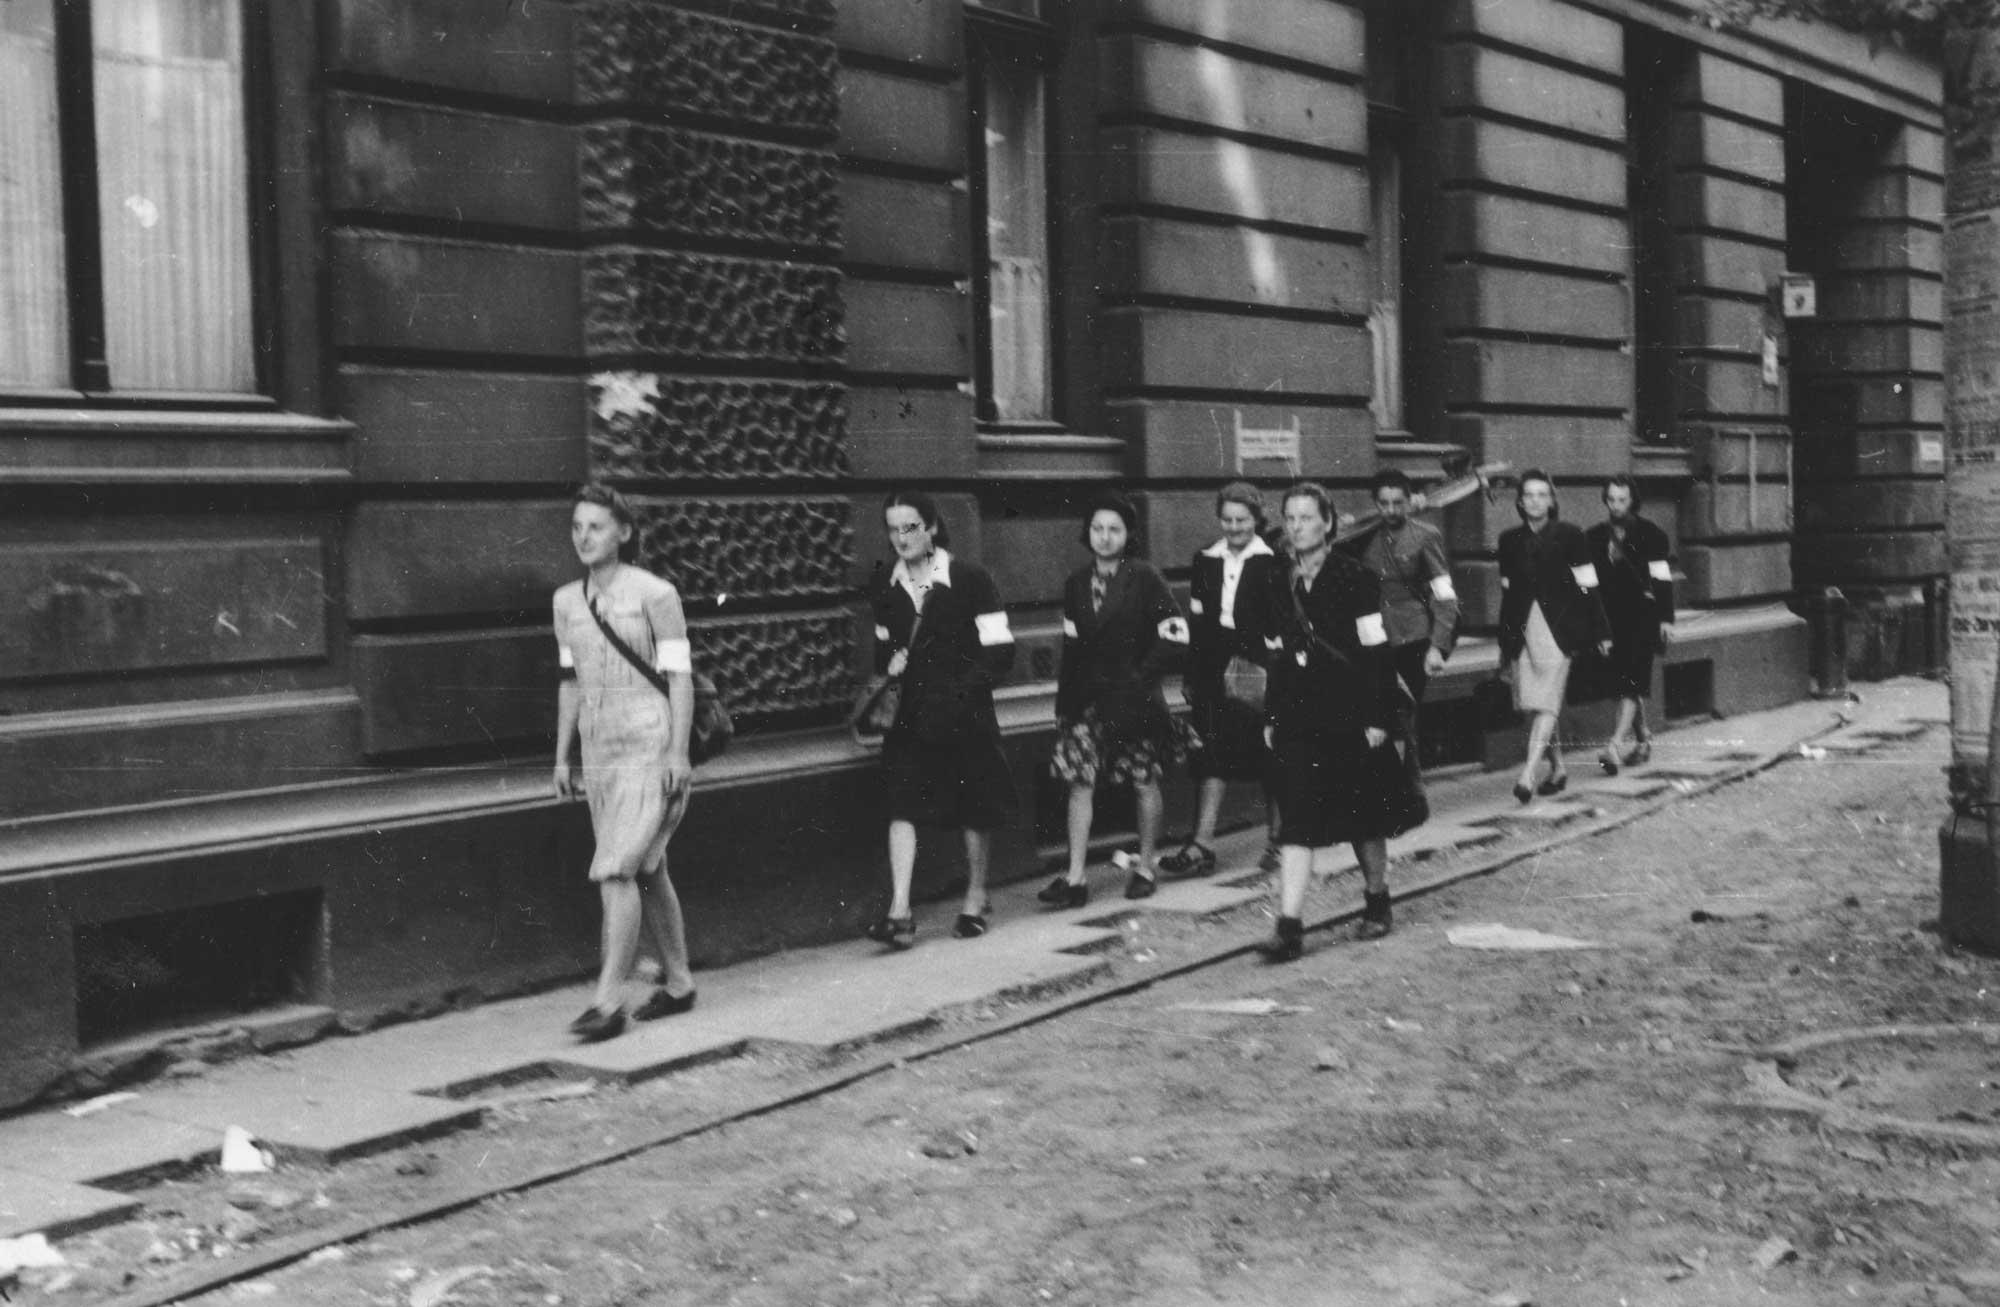 Wymarsz patrolu sanitarnego Wojskowej Służby Kobiet AK na ulicy Moniuszki 9, 5 sierpnia 1944 (fot. Eugeniusz Lokajski / Wikimedia.org / http://bit.ly/1DaYdPq)